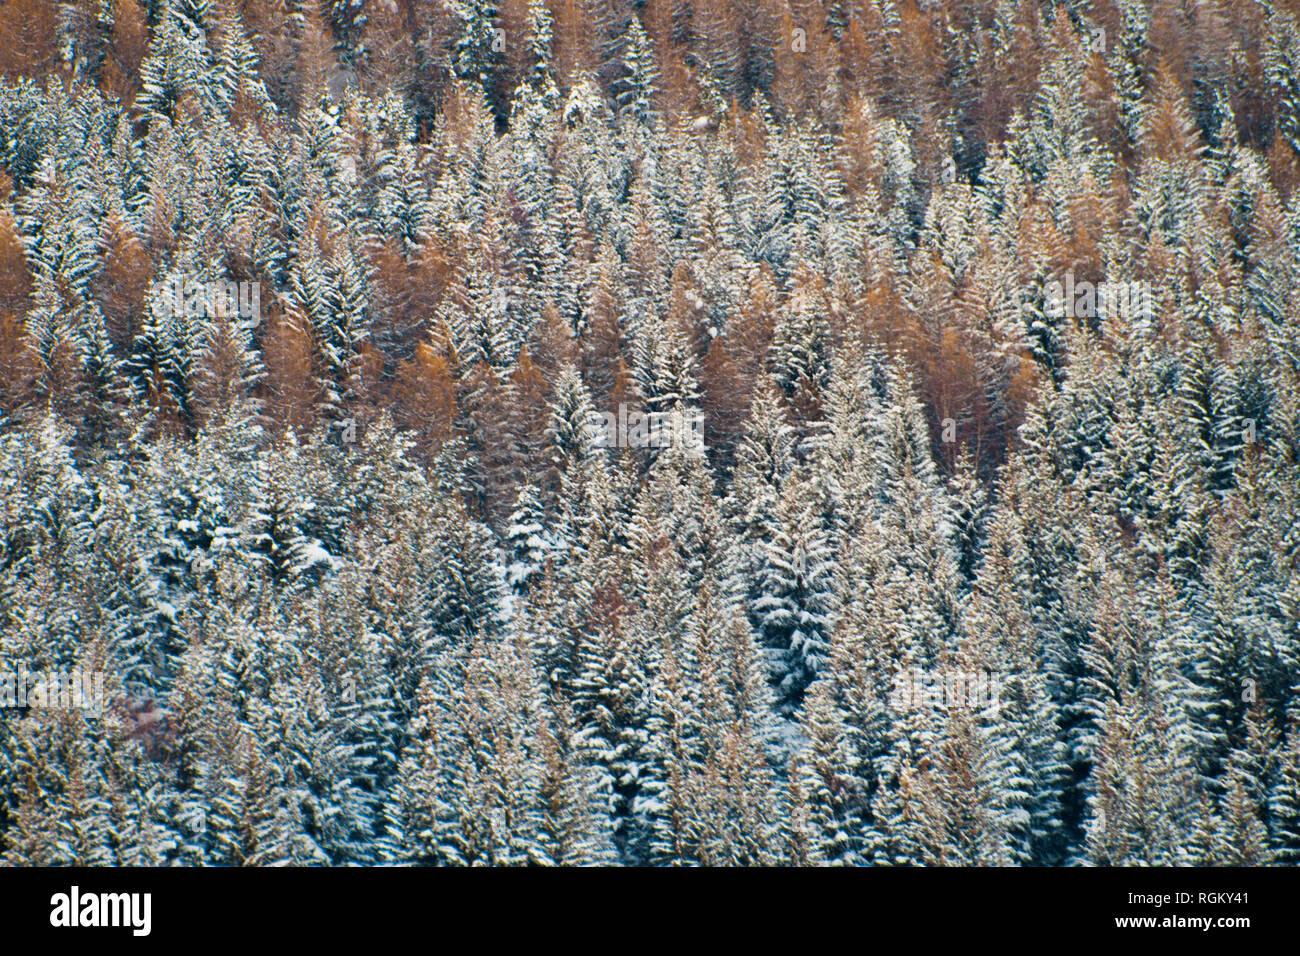 Telaio completo di boschi, arancione e nevoso mescolando insieme. In autunno e in inverno la rappresentanza. Four Seasons, l'inverno è venuta geometrica, sfondo lineare. Immagini Stock